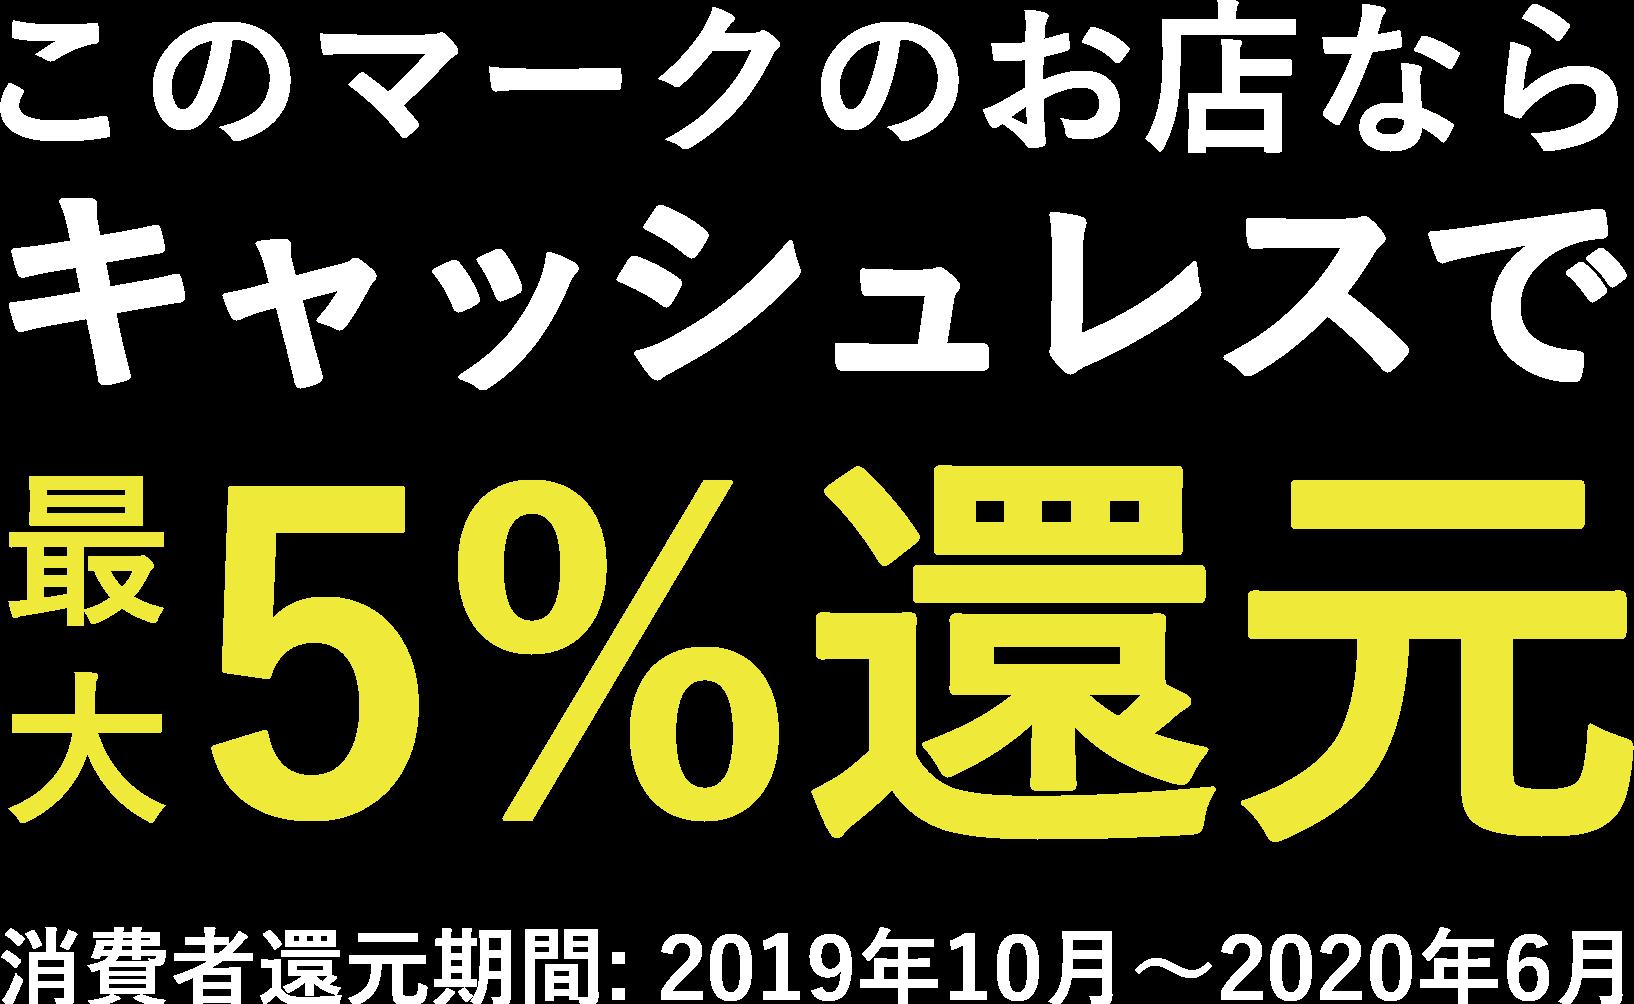 このマークのお店ならキャッシュレスで最大5%還元 消費者還元期間: 2019年10月〜2020年6月